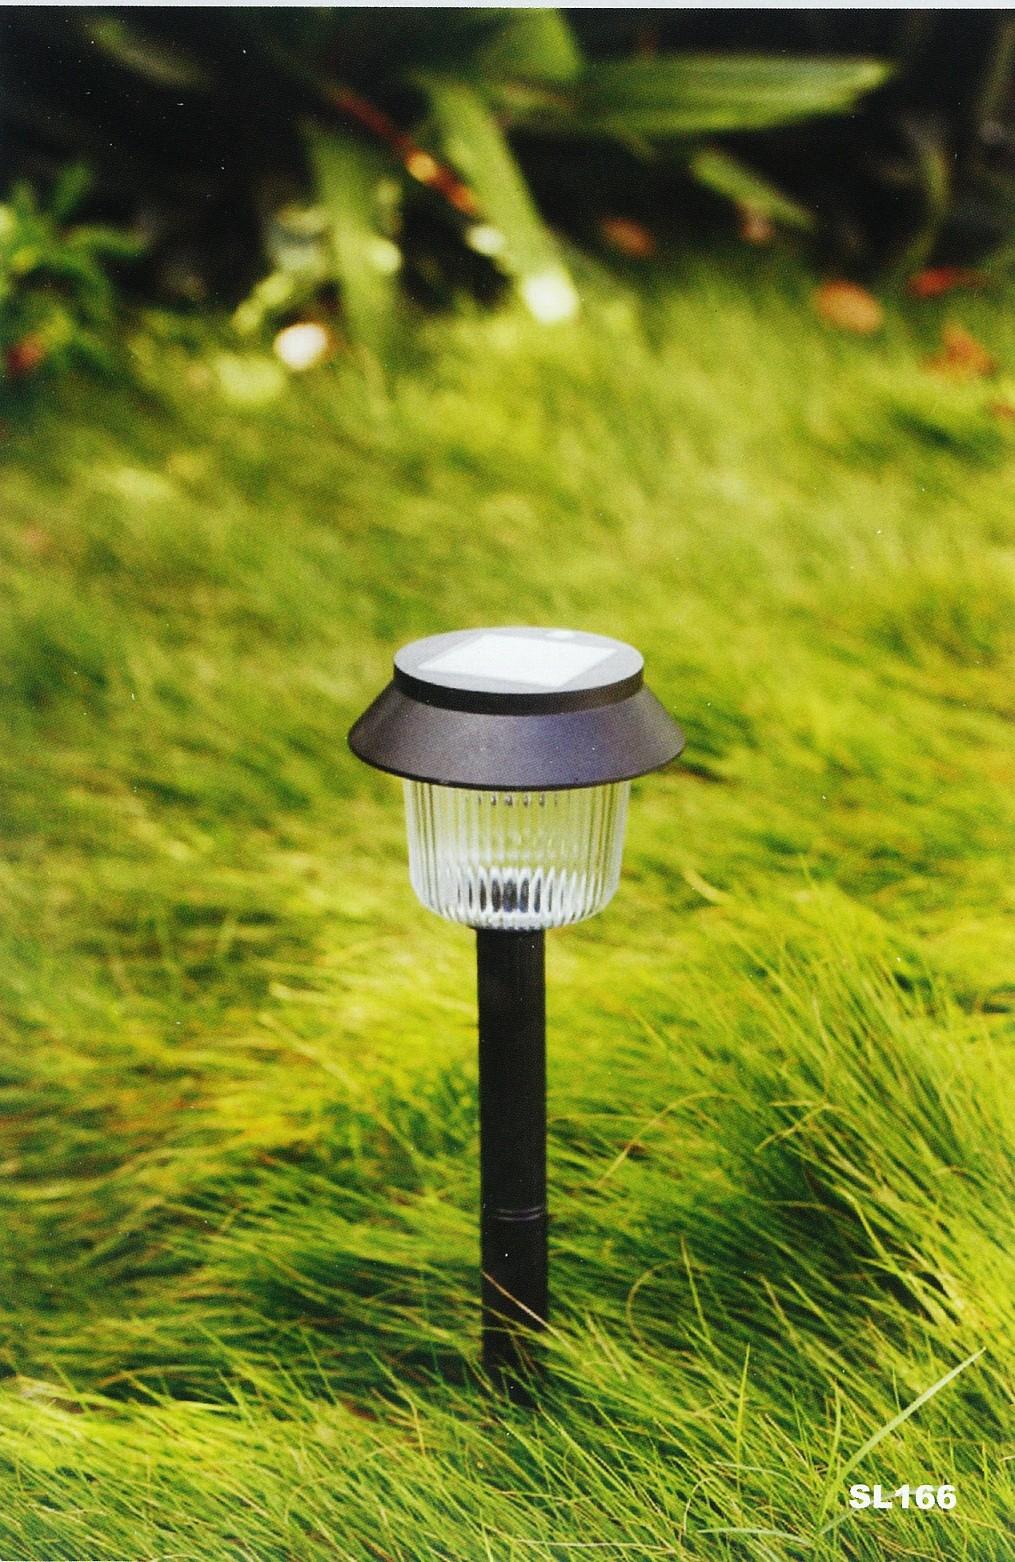 Solar lawn light  SL166